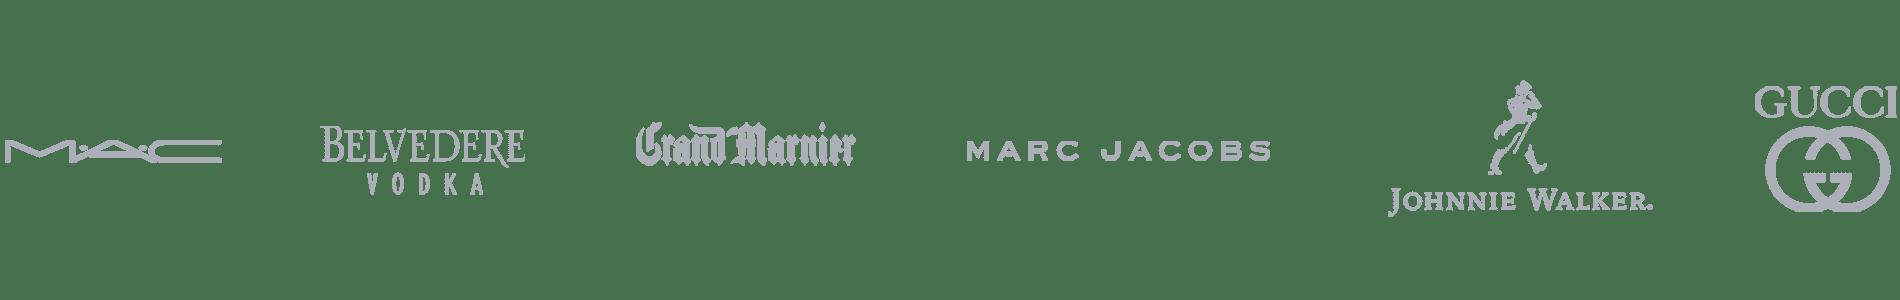 vsl-packaging-company-logos